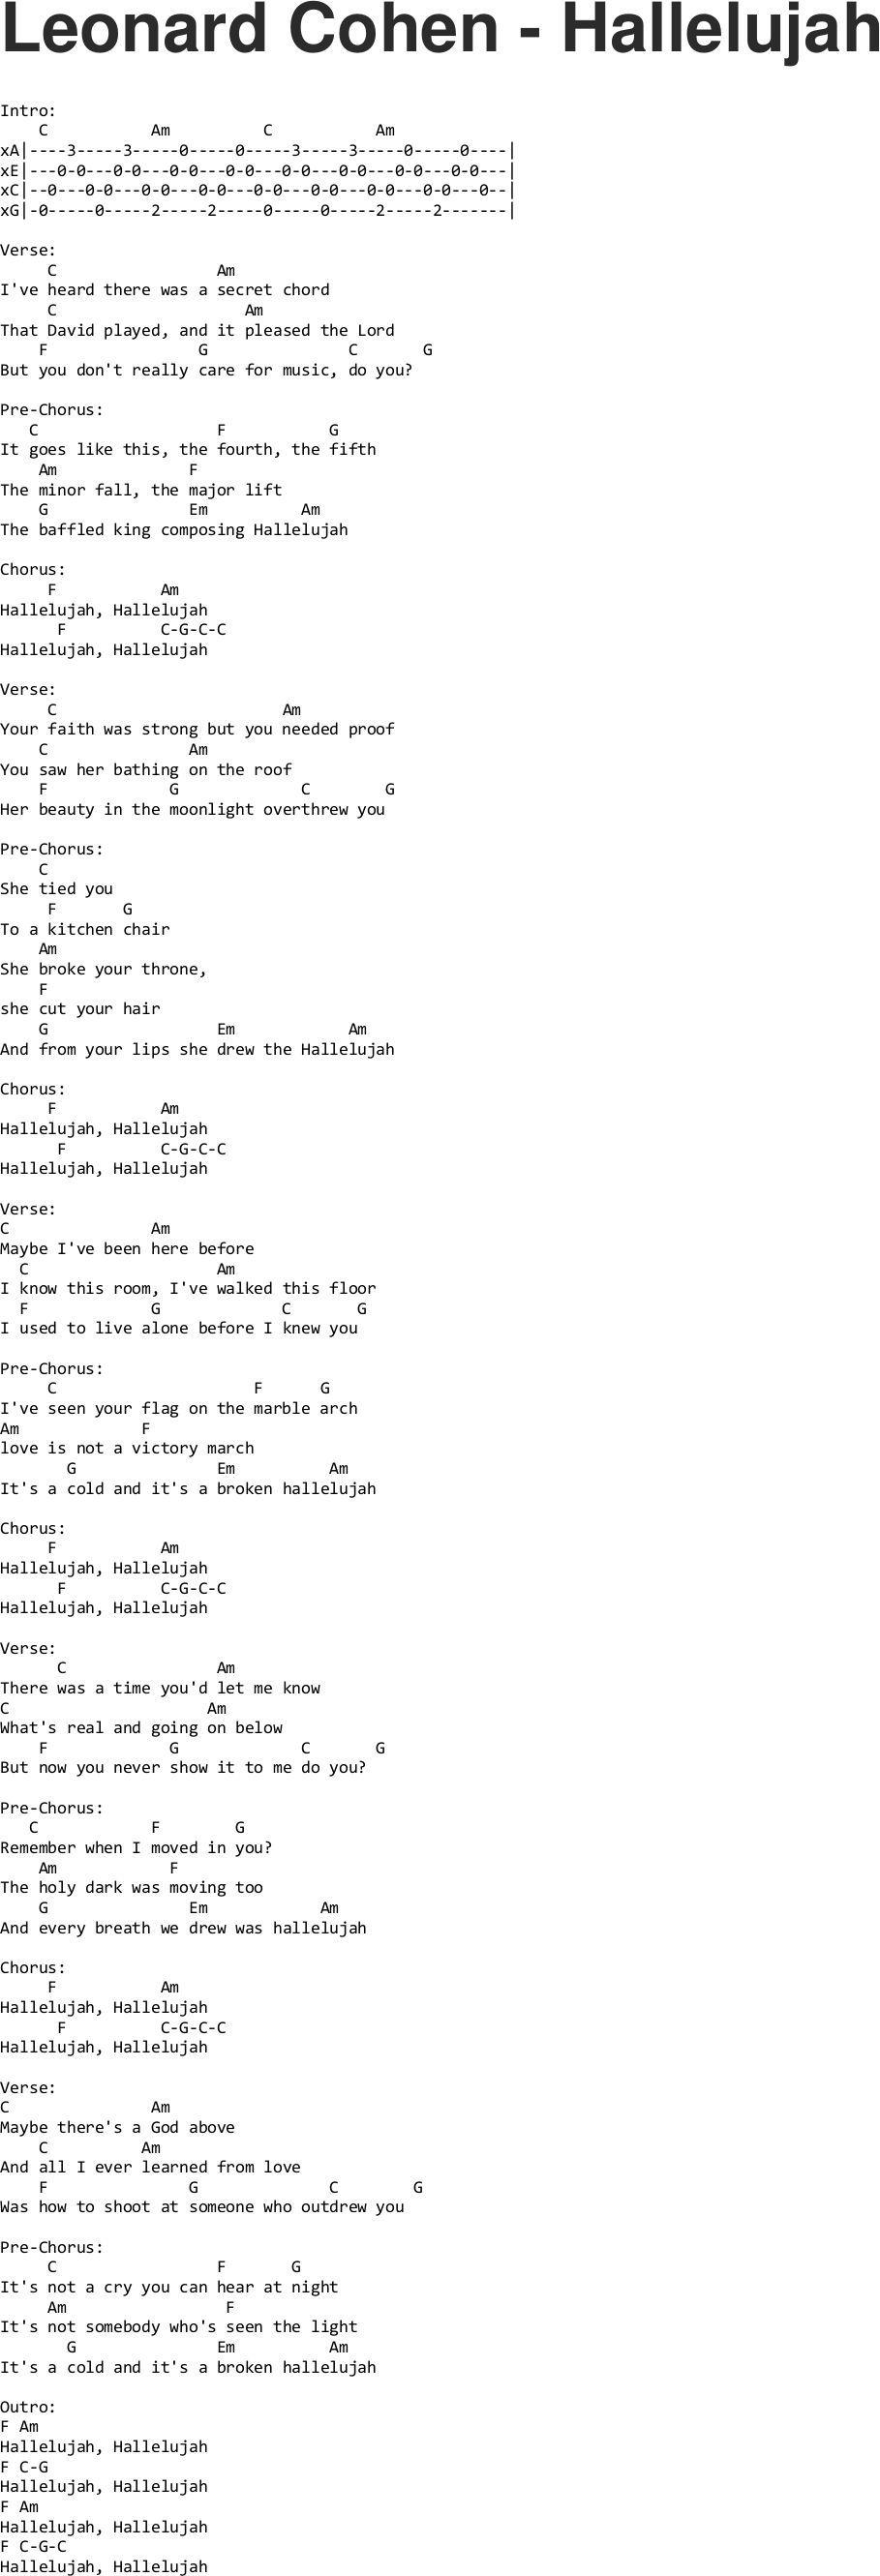 Leonard cohen hallelujah ukulele tabs piano chords chart this leonard cohen hallelujah ukulele tabs piano chords chart this should help when i play hexwebz Gallery